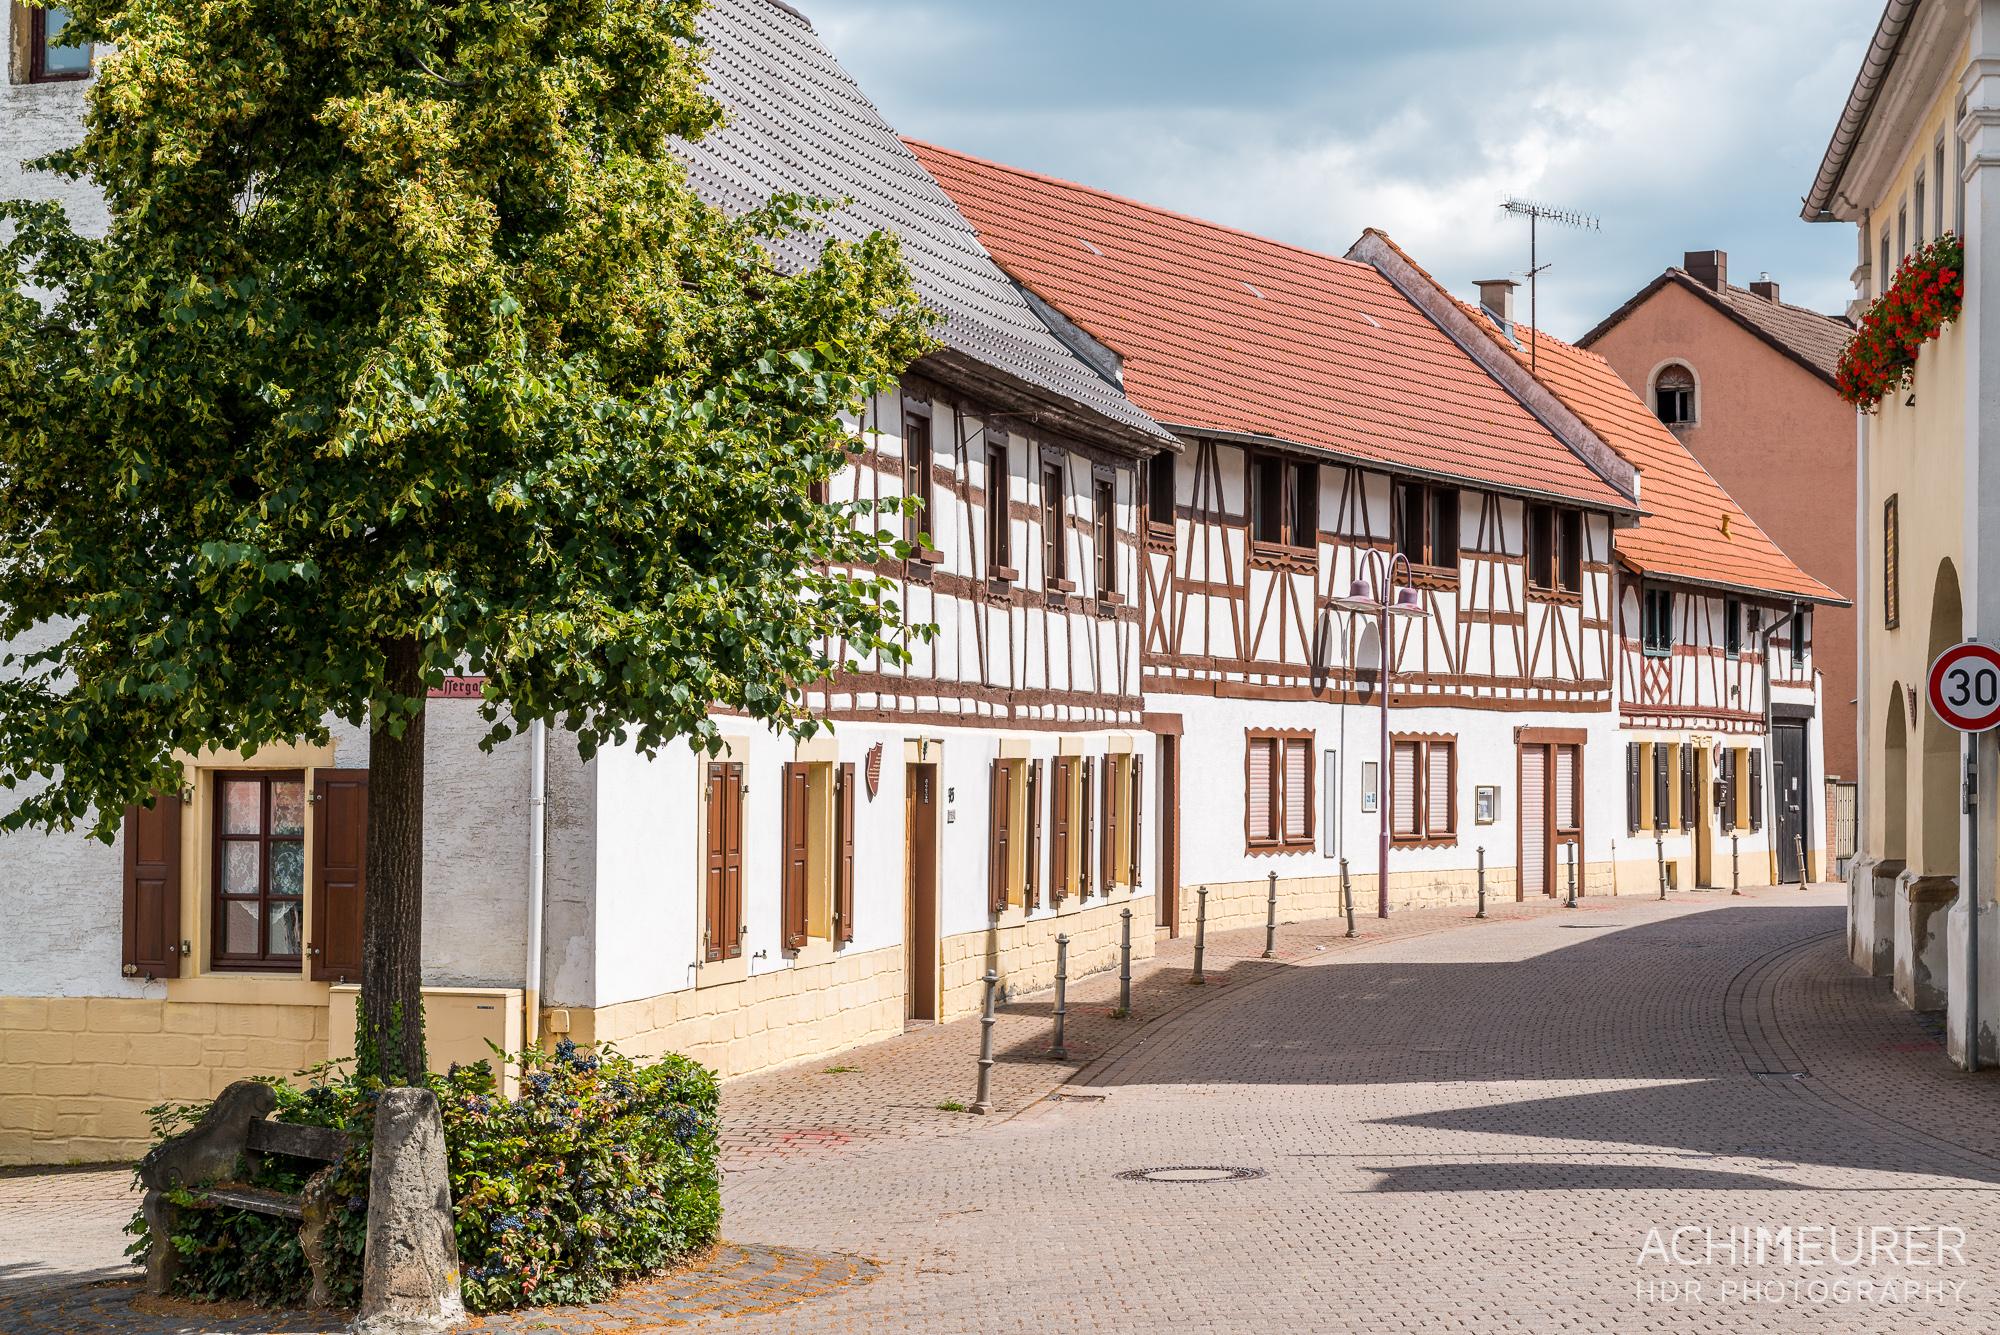 Rheinhessen-Rheinland-Pfalz_6253